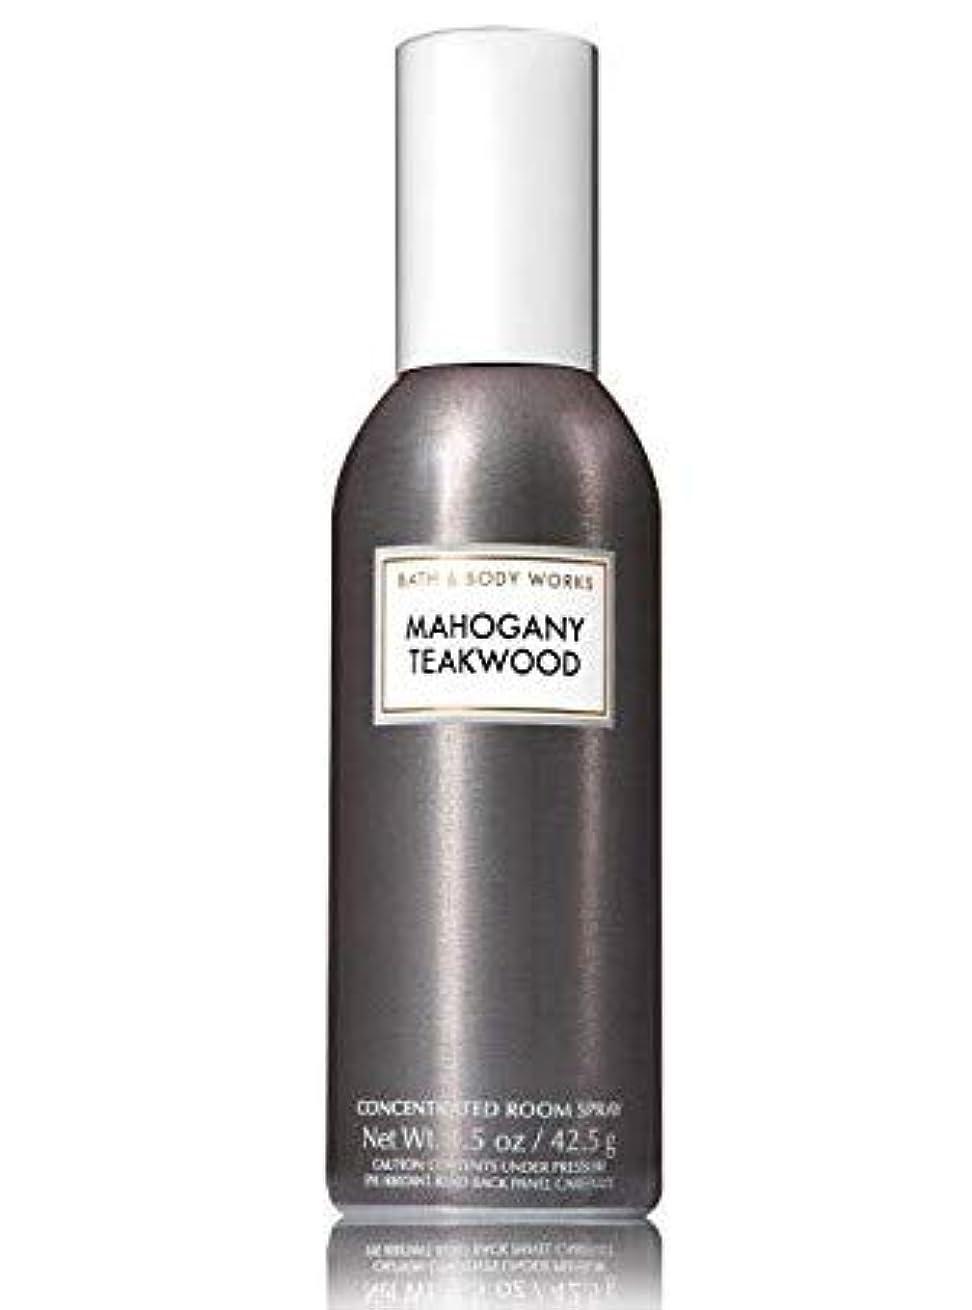 別の人種そうでなければ【Bath&Body Works/バス&ボディワークス】 ルームスプレー マホガニーティークウッド 1.5 oz. Concentrated Room Spray/Room Perfume Mahogany Teakwood [並行輸入品]